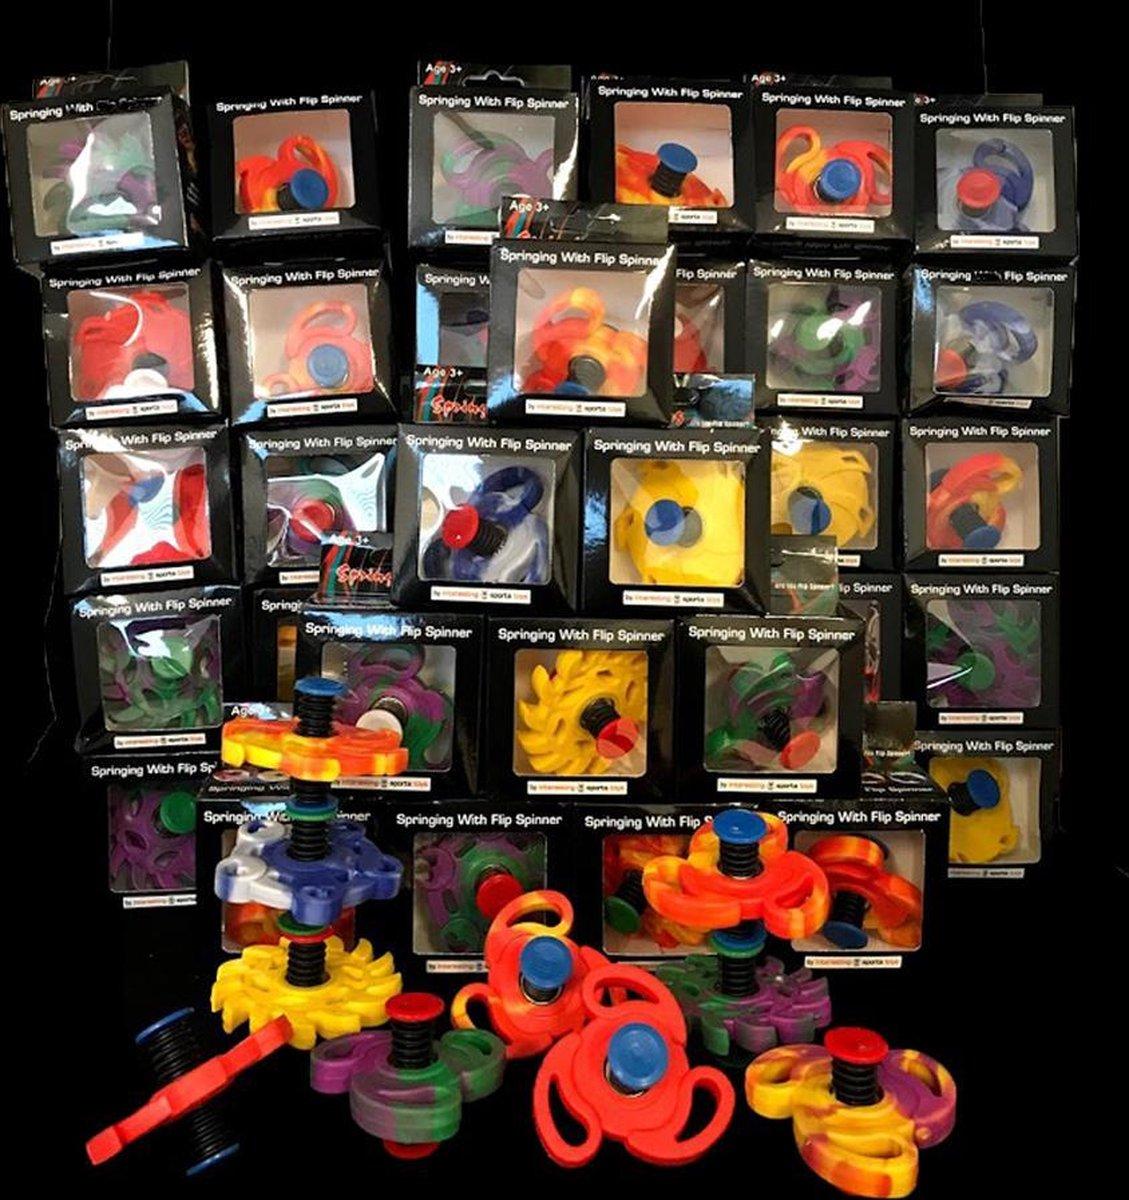 Flip spinner, bouncing spinner, jumping spinner, springing spinner, sinterklaas cadeau - 30 stuks